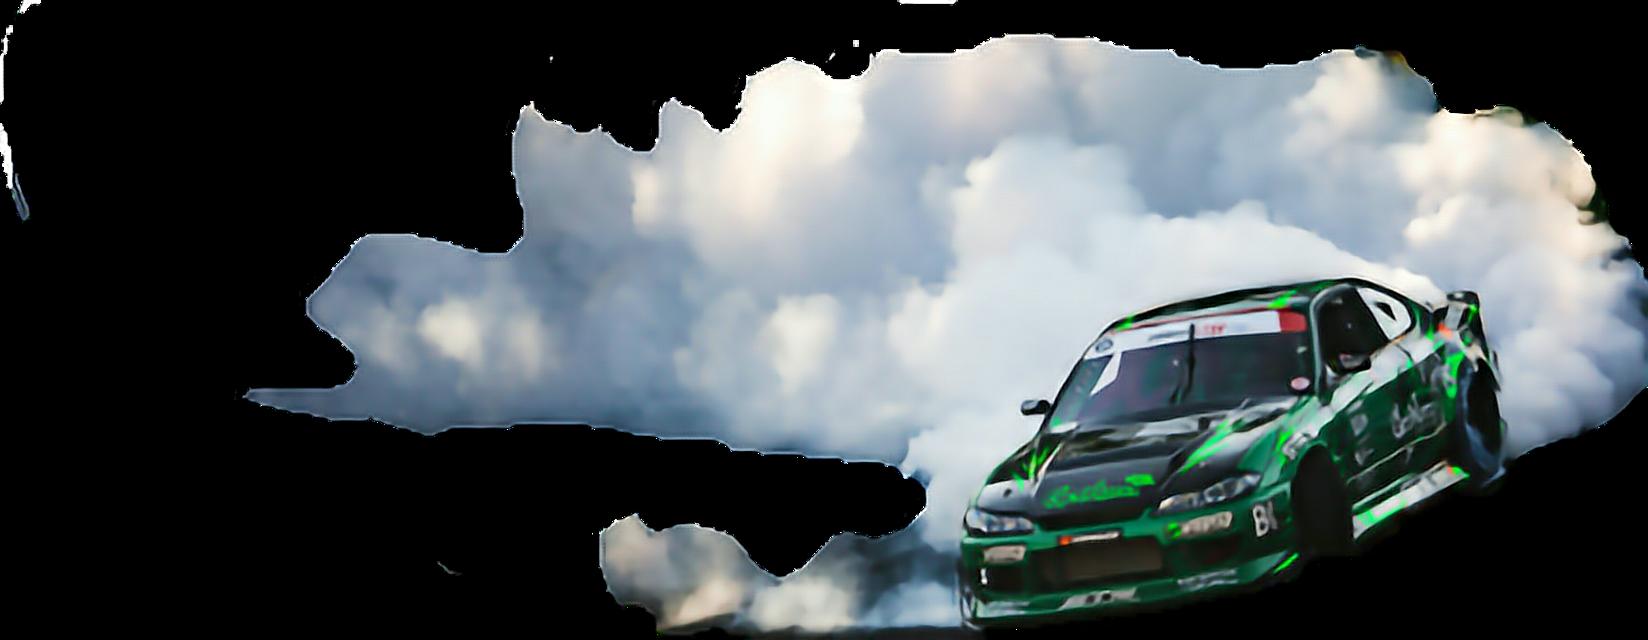 #drift #smoke